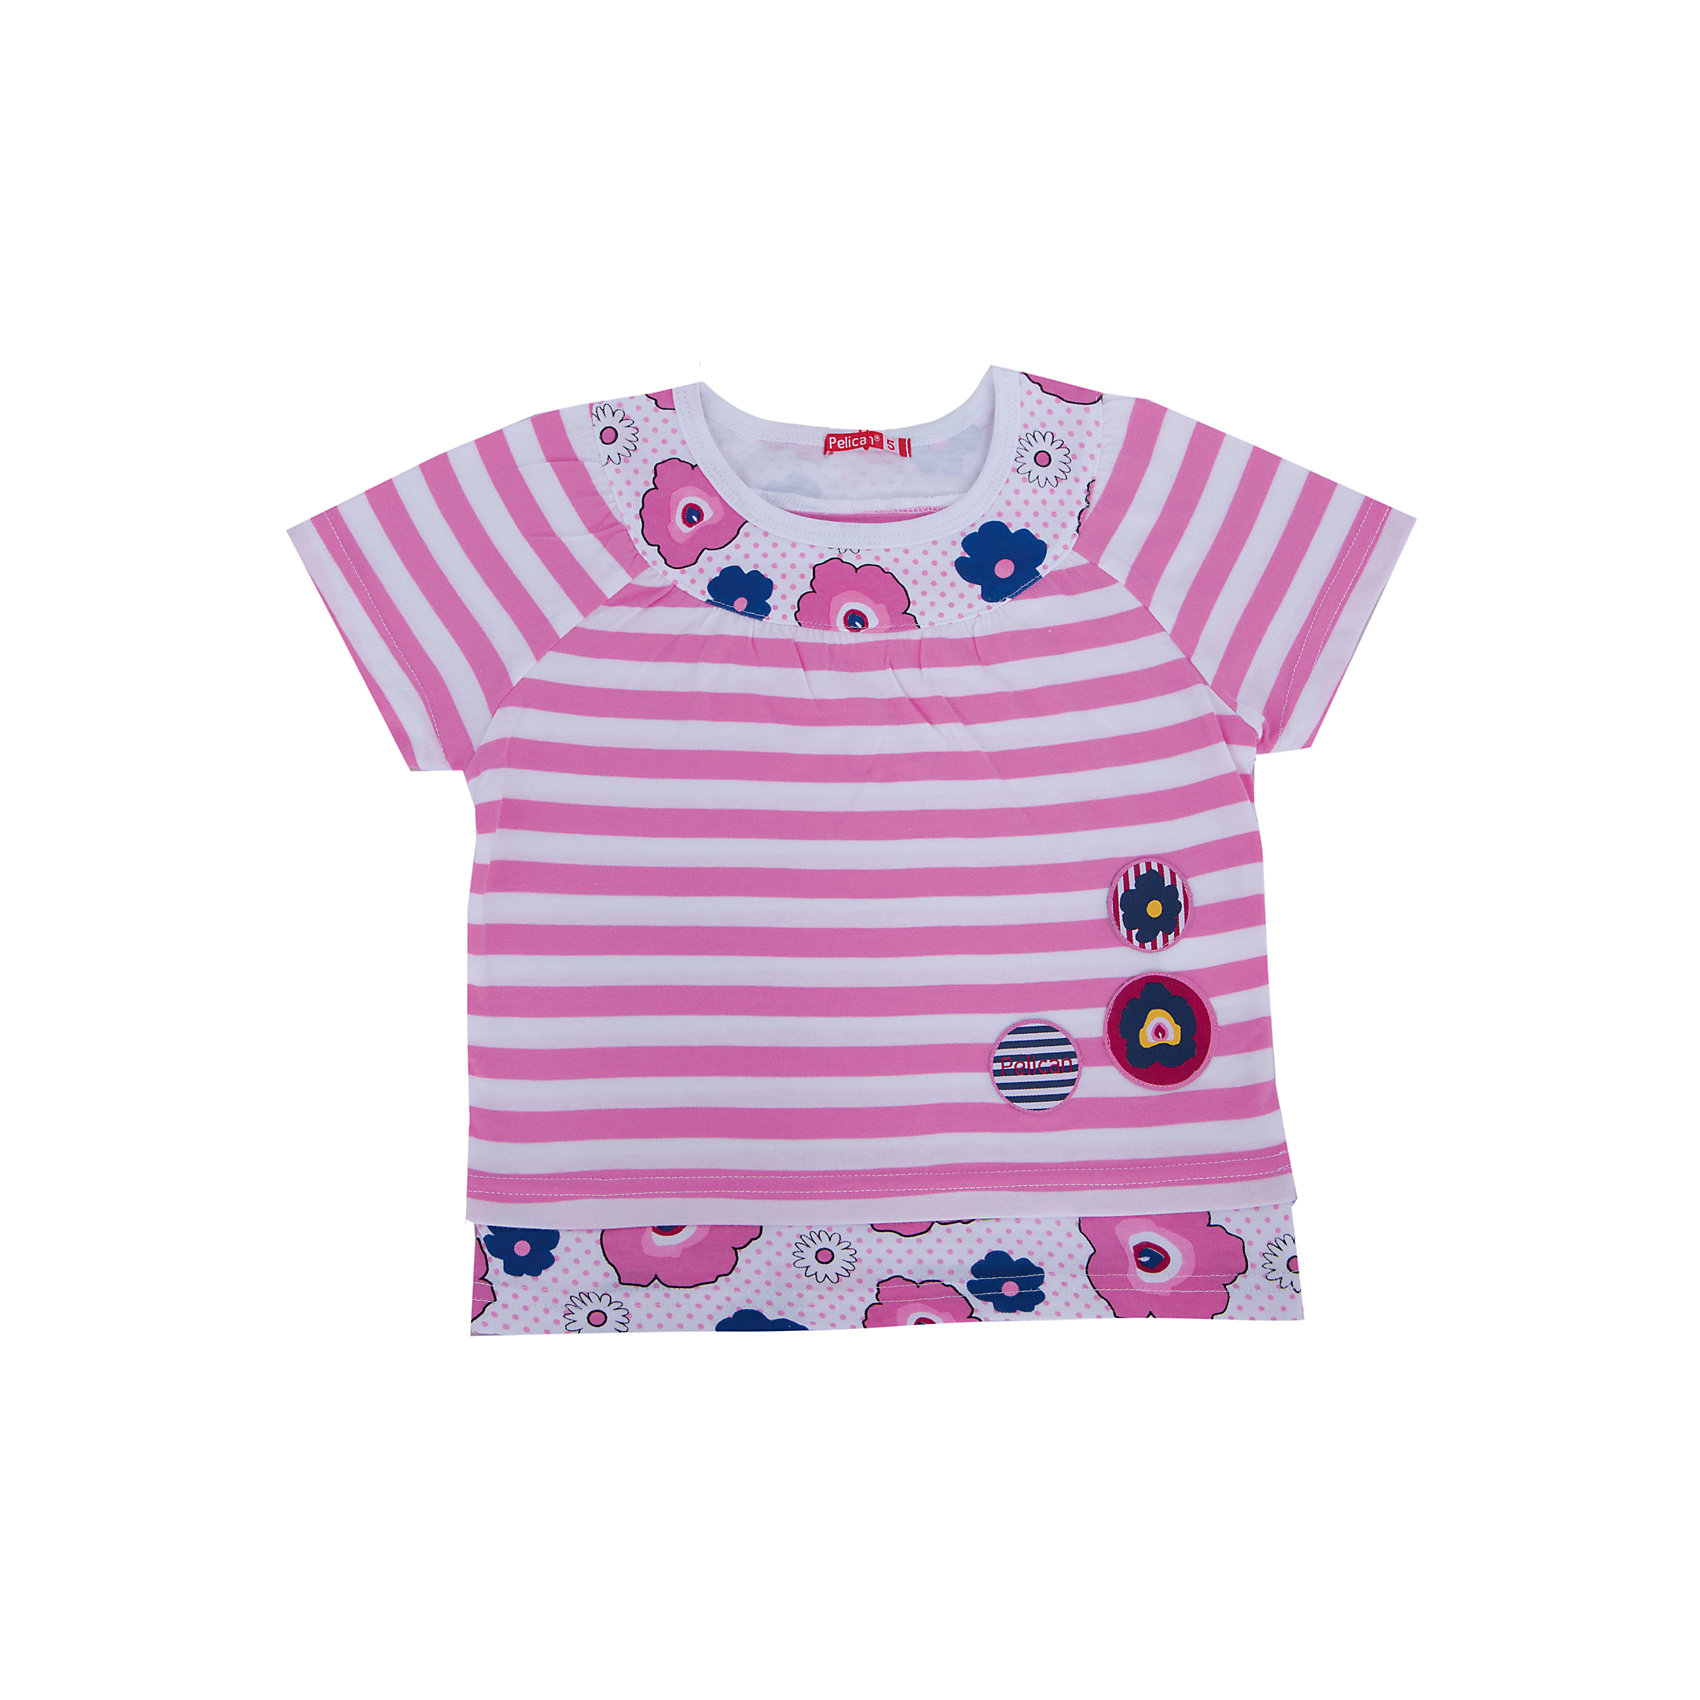 Футболка для девочки PELICANФутболки, поло и топы<br>Модная футболка для девочки поможет разнообразить гардероб ребенка, создать легкий подходящий погоде ансамбль. Удобный крой и качественный материал обеспечат ребенку комфорт при ношении этих вещей. <br>Футболка очень стильно смотрится благодаря актуальному дизайну. Изделие украшено модным принтом, контрастной вставкой на горловине. Рукава - короткие. Материал - легкий, отлично подходит для лета, состоит из дышащего натурального хлопка. Очень приятен на ощупь, не вызывает аллергии.<br><br>Дополнительная информация:<br><br>материал: 100% хлопок;<br>цвет: розовый;<br>принт;<br>рукава короткие.<br><br>Футболку для девочки от бренда PELICAN (Пеликан) можно купить в нашем магазине.<br><br>Ширина мм: 157<br>Глубина мм: 13<br>Высота мм: 119<br>Вес г: 200<br>Цвет: розовый<br>Возраст от месяцев: 18<br>Возраст до месяцев: 24<br>Пол: Женский<br>Возраст: Детский<br>Размер: 92,86,110,104,98<br>SKU: 4805143